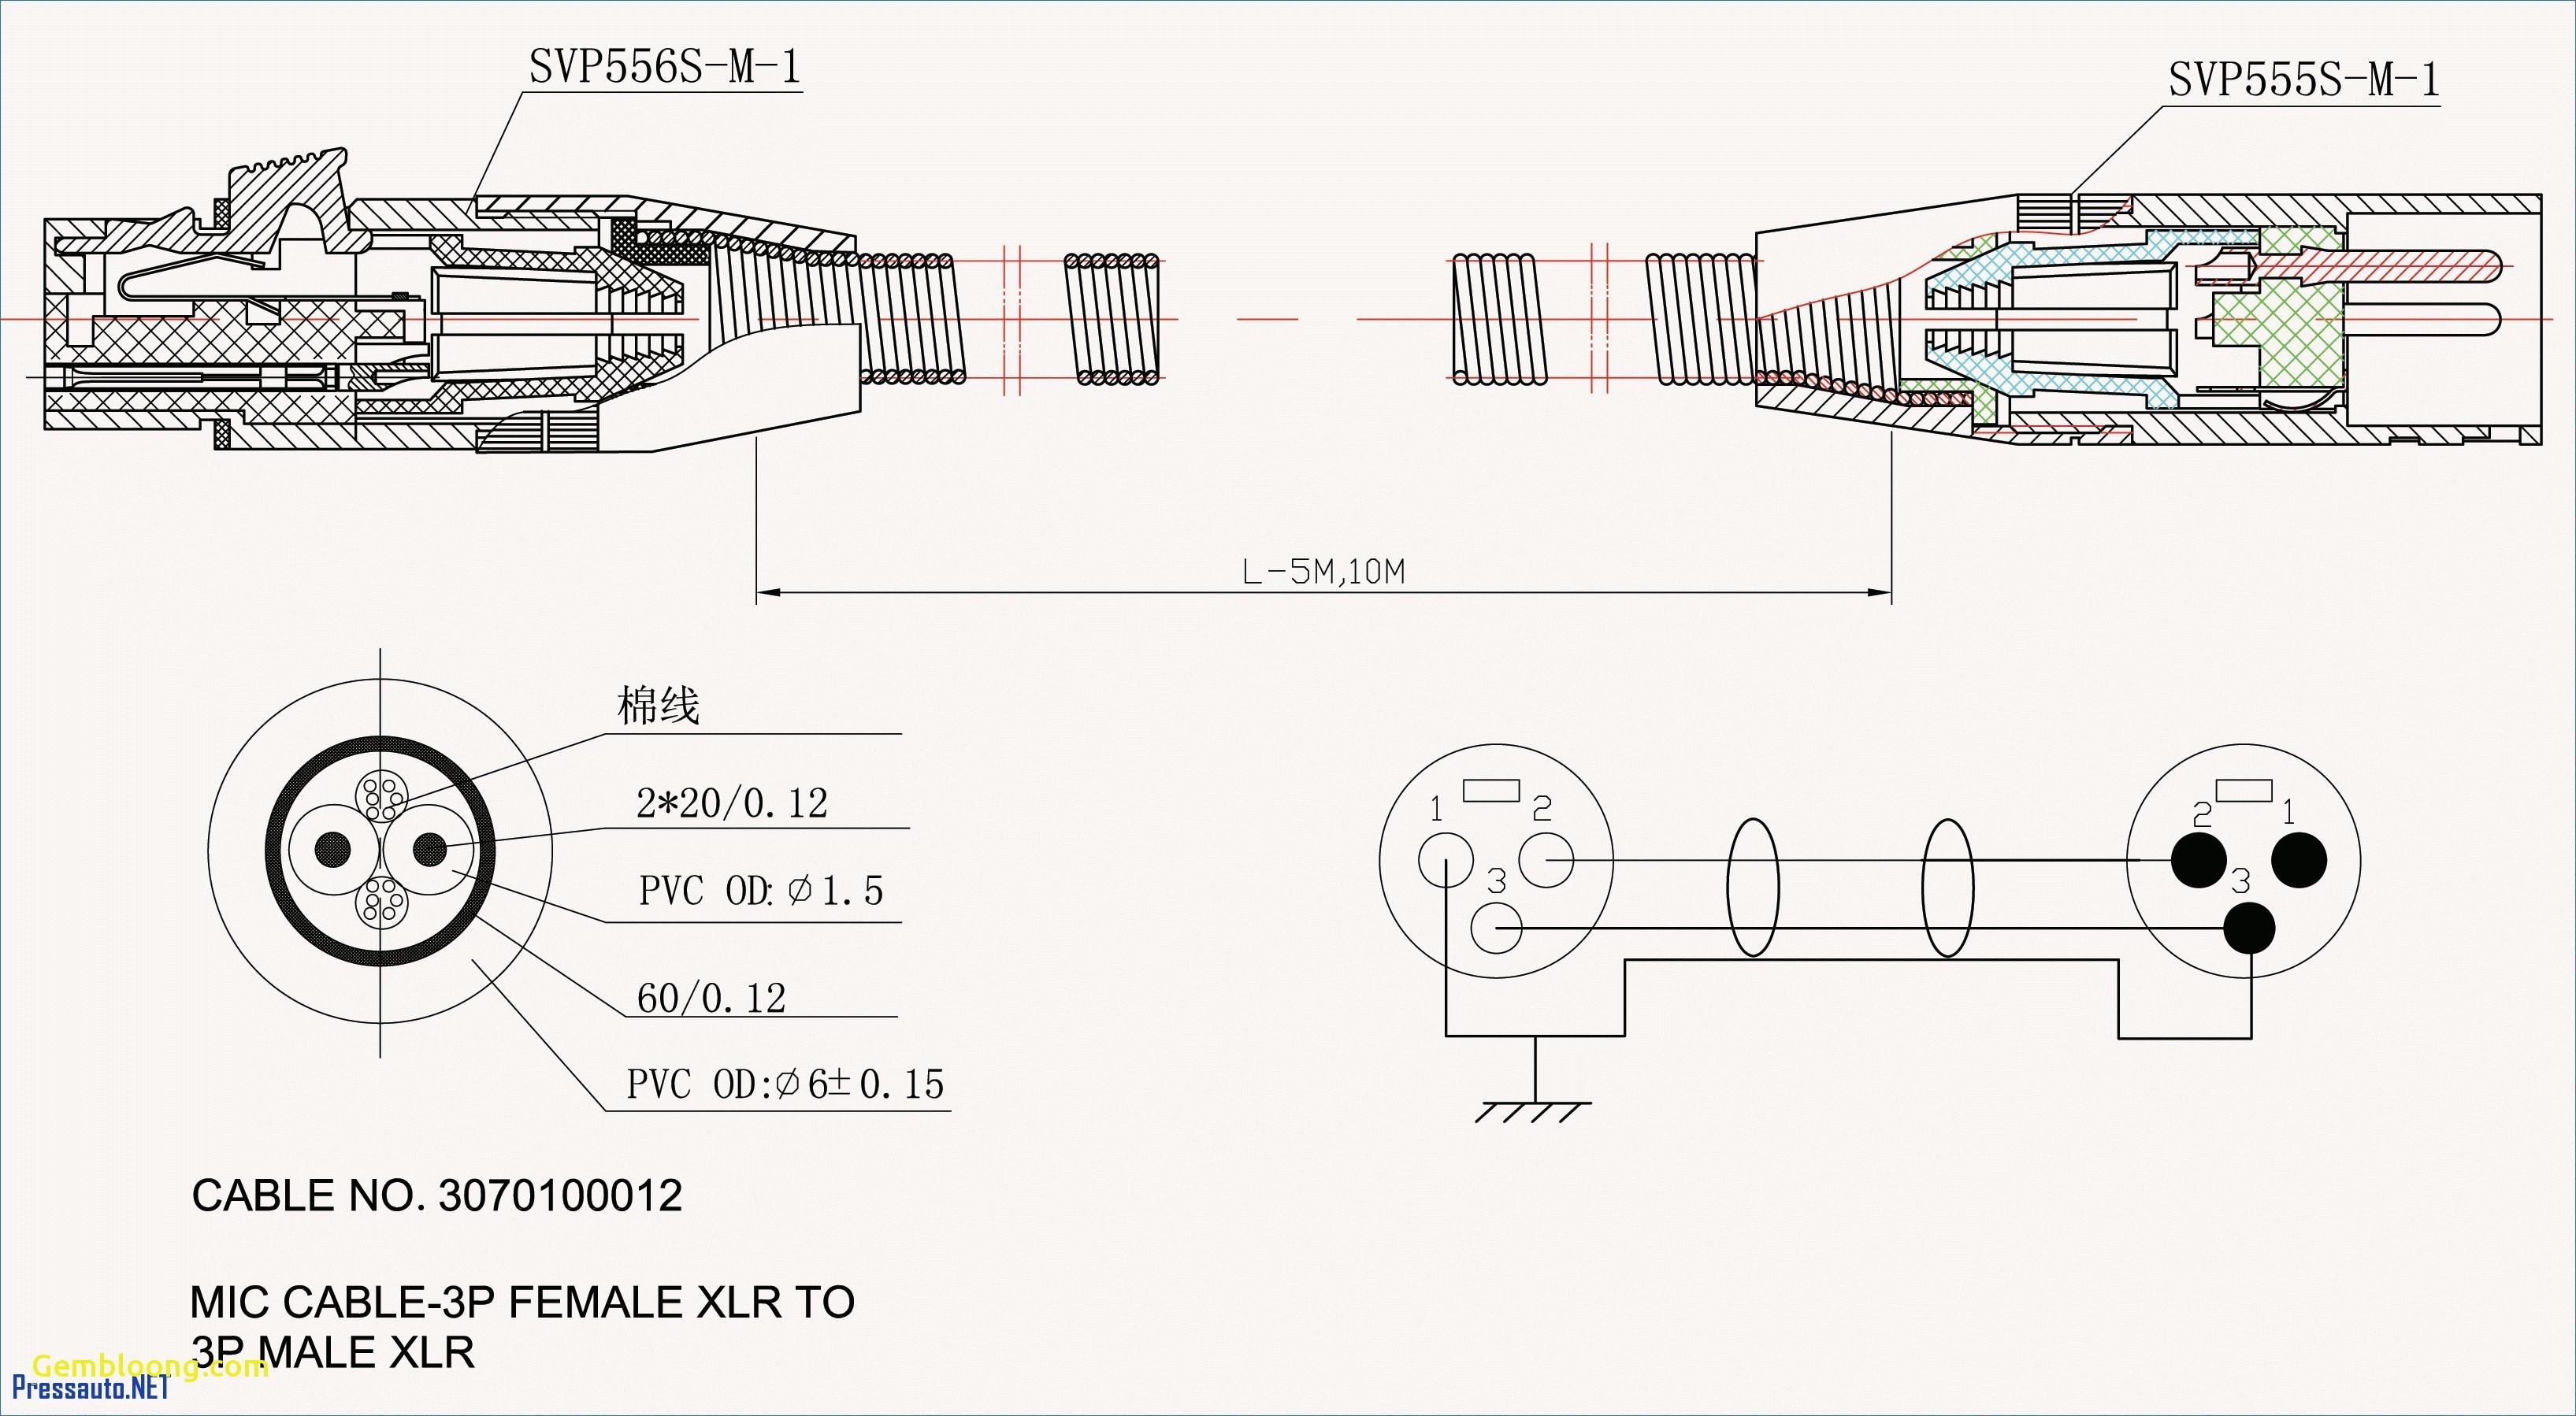 2001 ford F150 Engine Diagram ford Aerostar Engine Diagram 2000 ford Ranger 3 0 Heater Hose Of 2001 ford F150 Engine Diagram